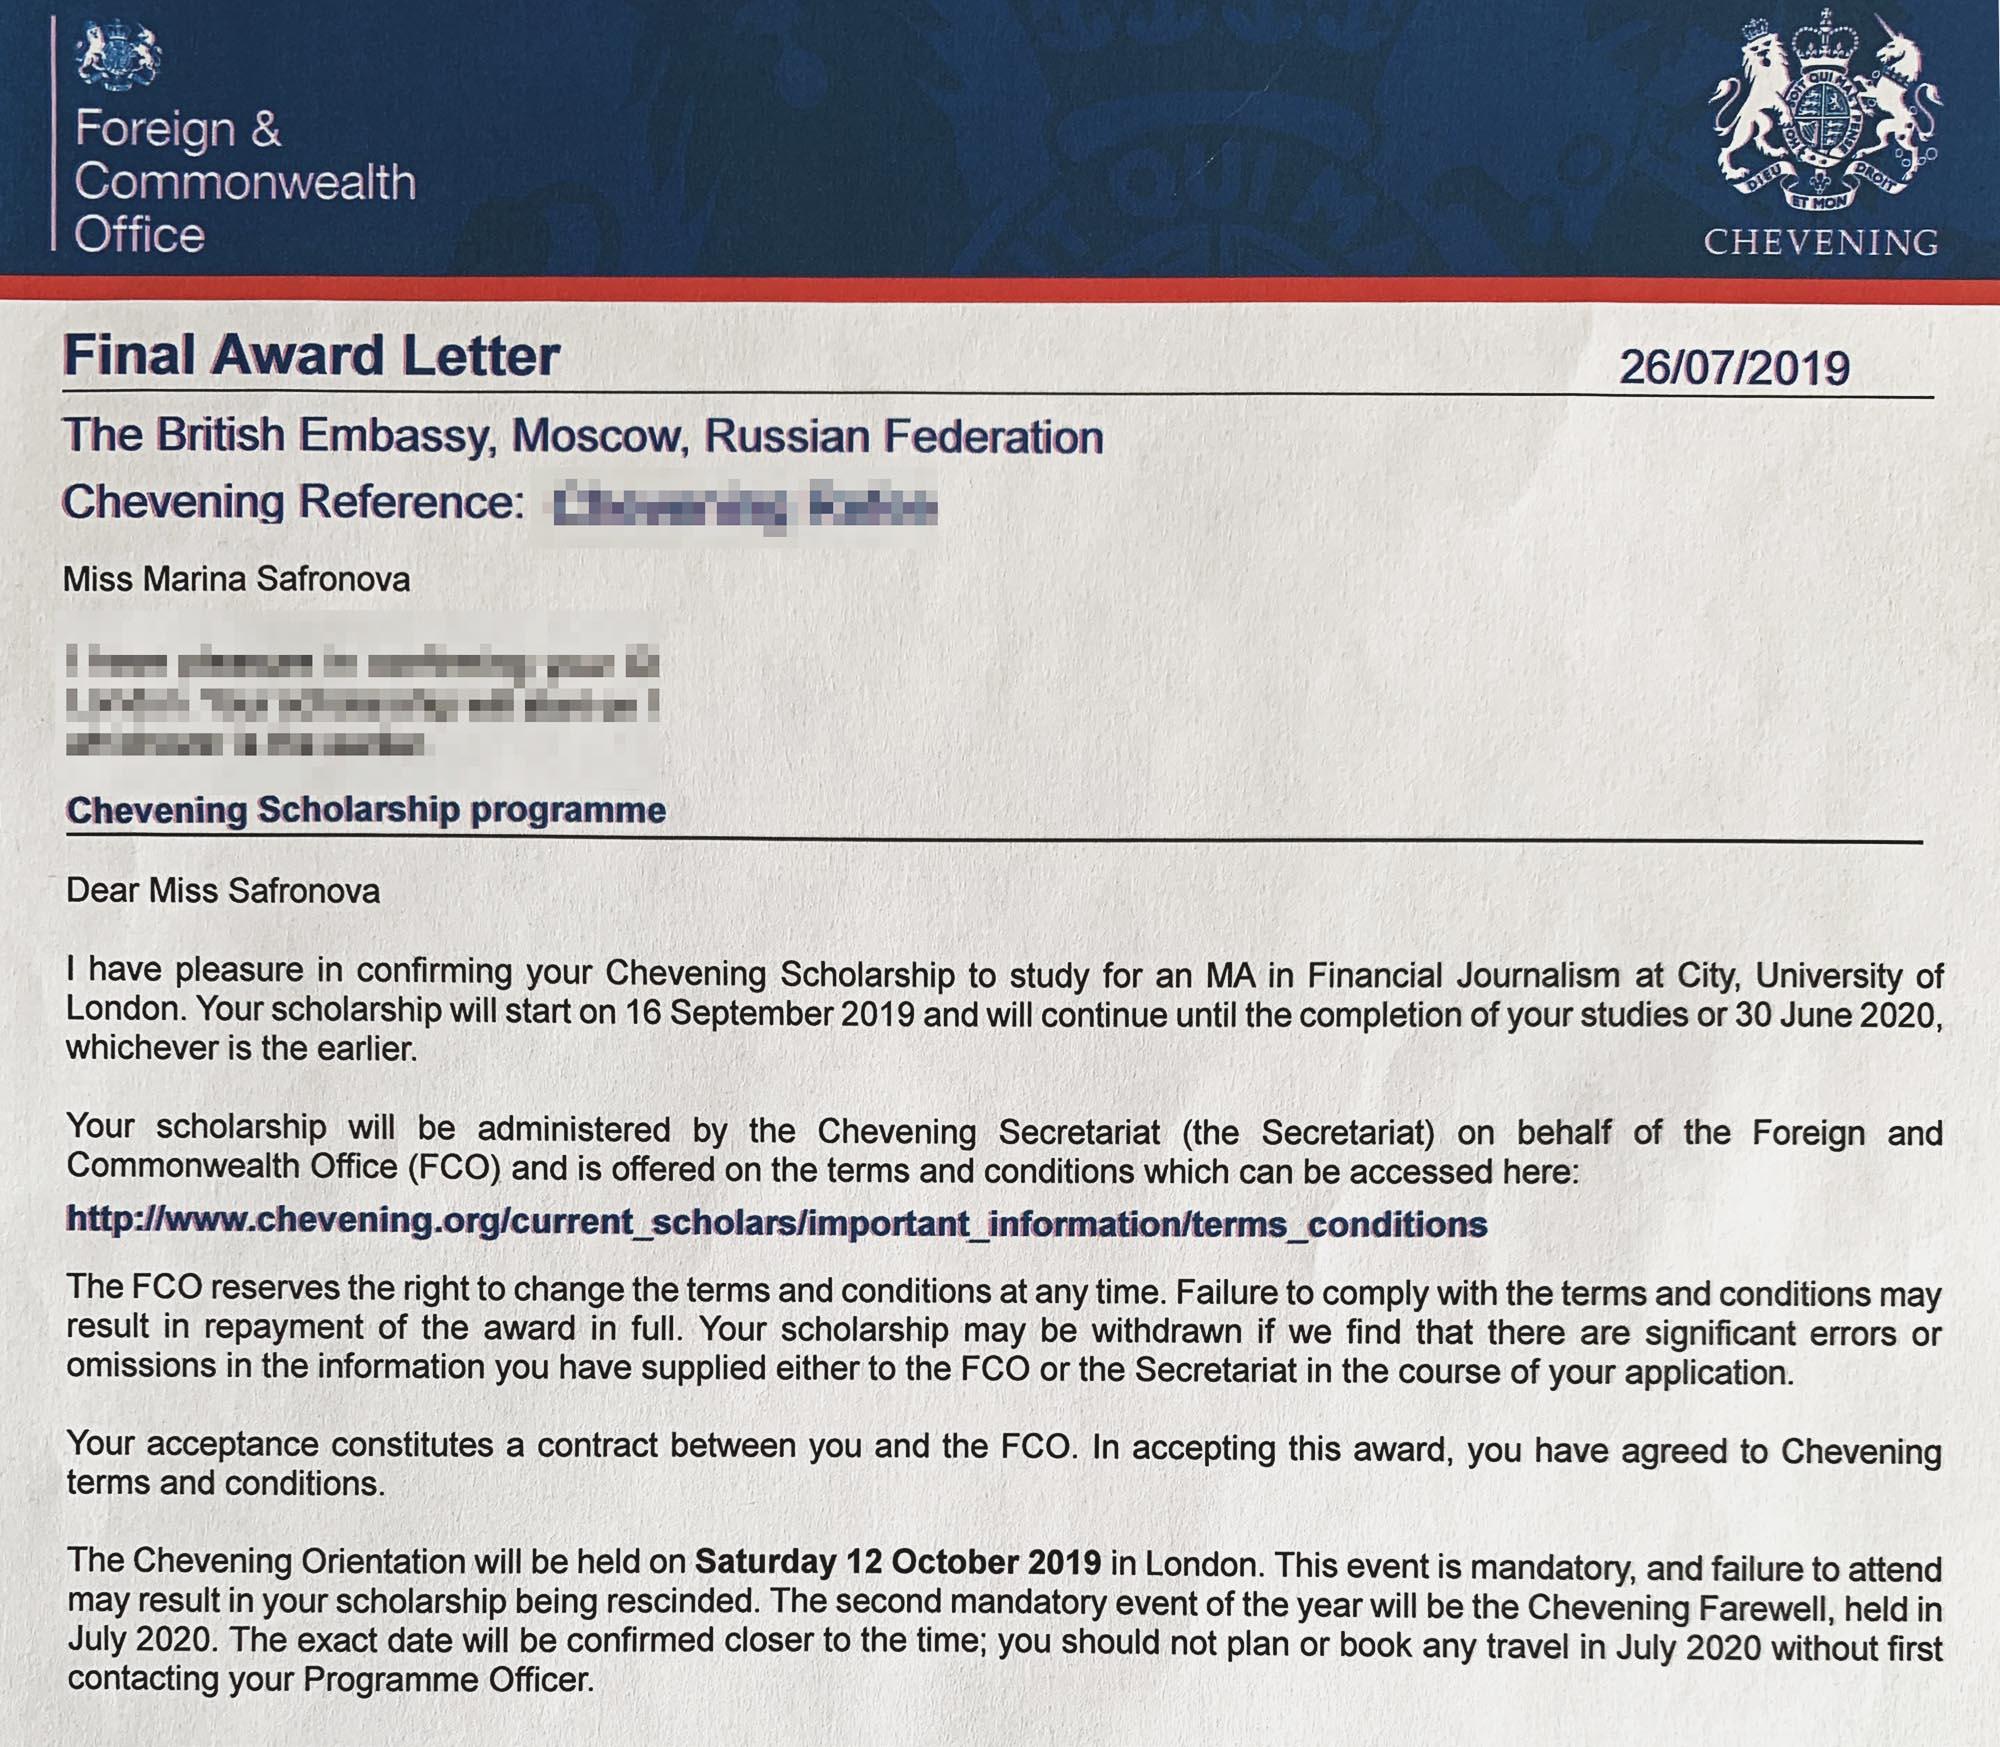 Финальное письмо о том, что мне присуждена стипендия, я получила только в начале августа 2019года